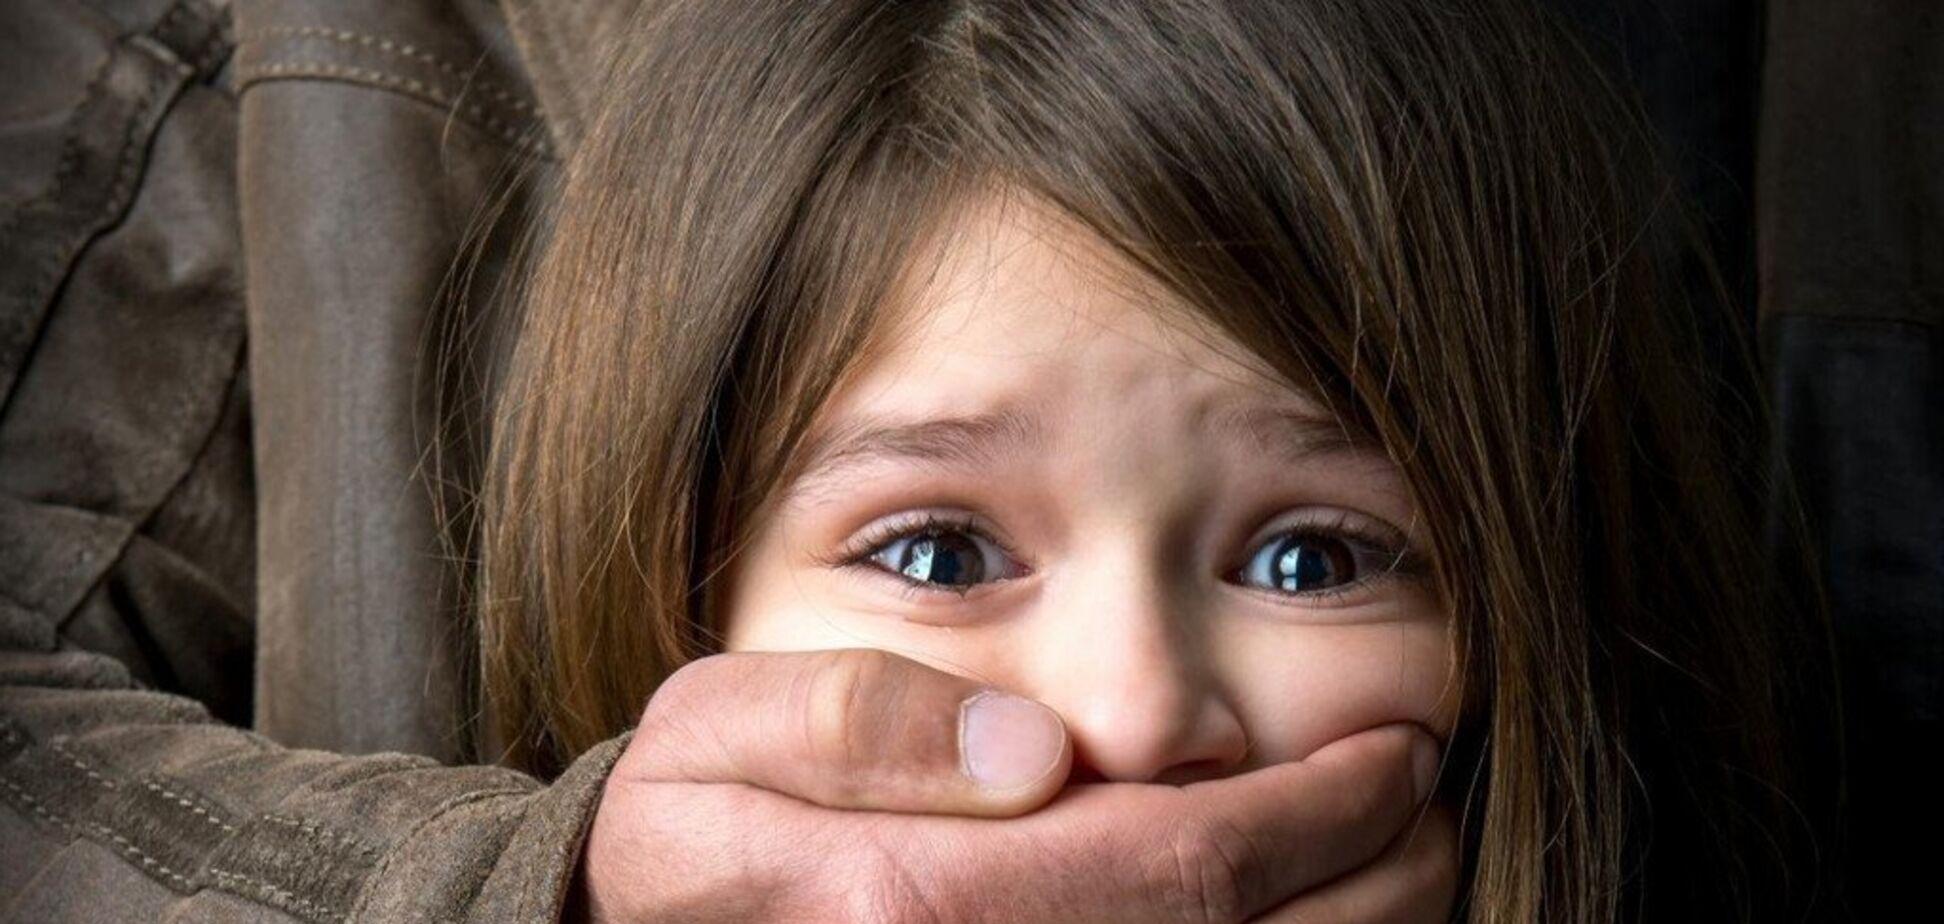 Раздел и повалил на кровать: на Черкасщине пытались изнасиловать 10-летнюю девочку